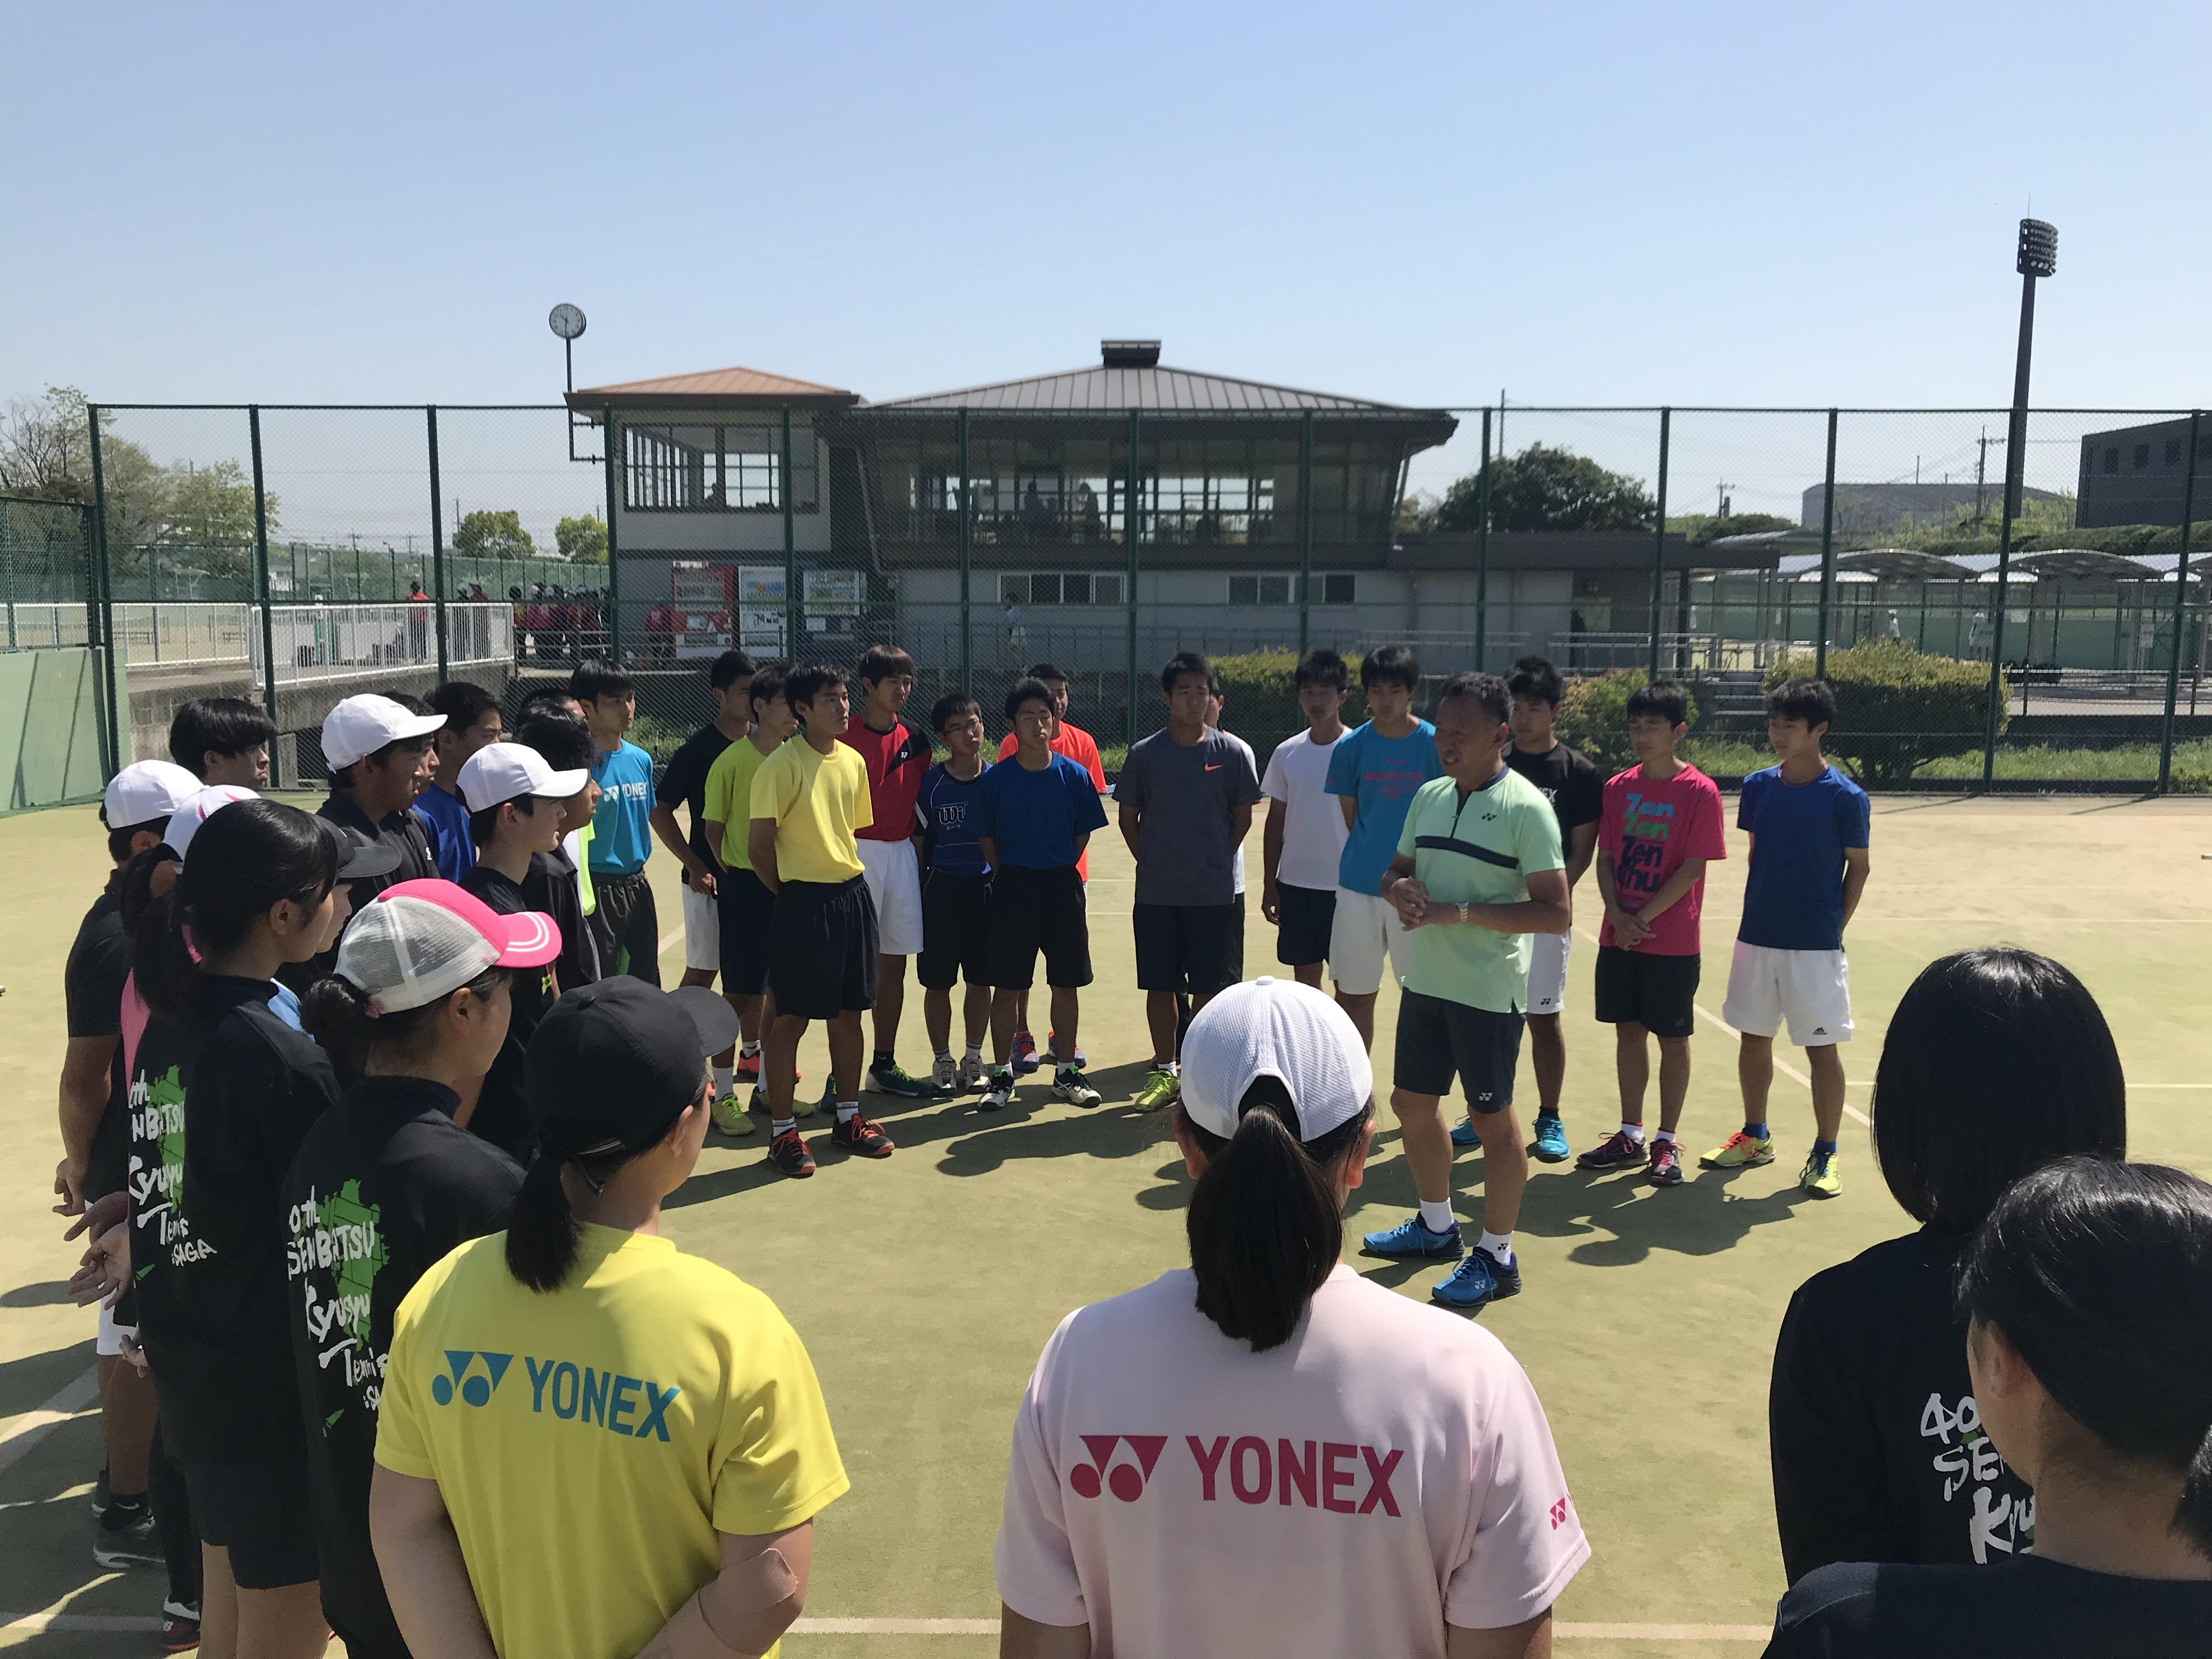 ソフトテニス 高体連 神奈川 県